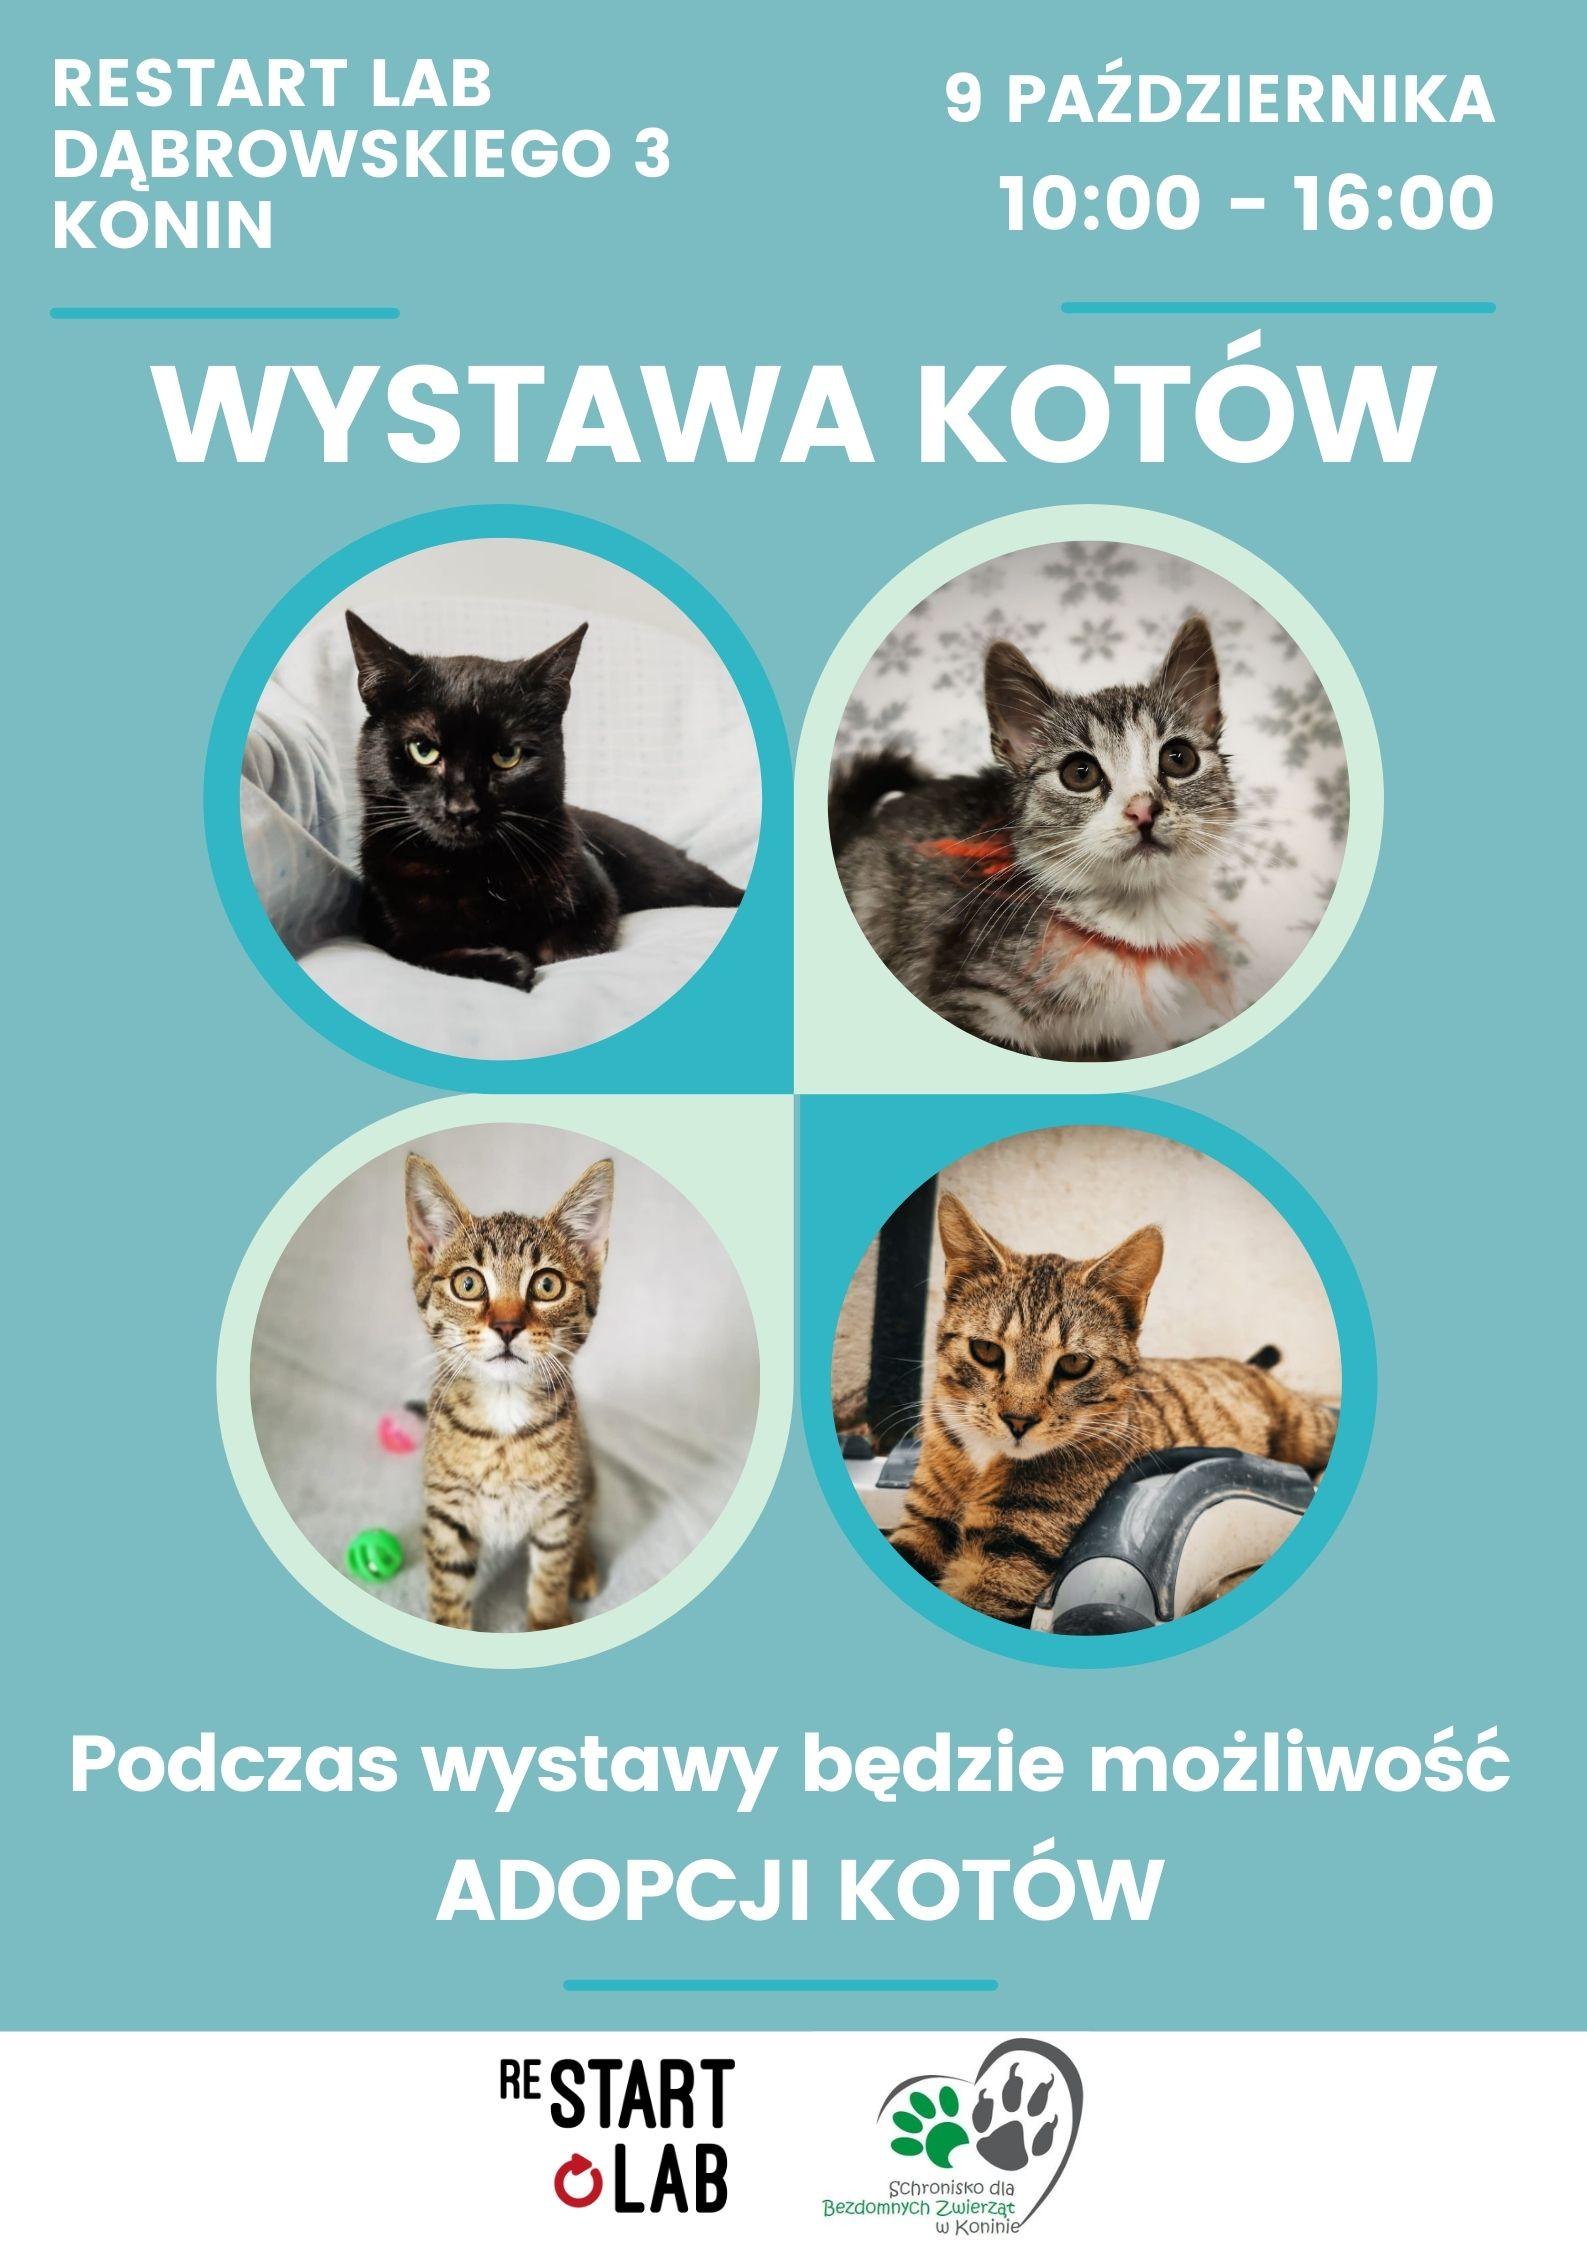 Restart Lab. Wystawa Kotów nierasowych z możliwością adopcji